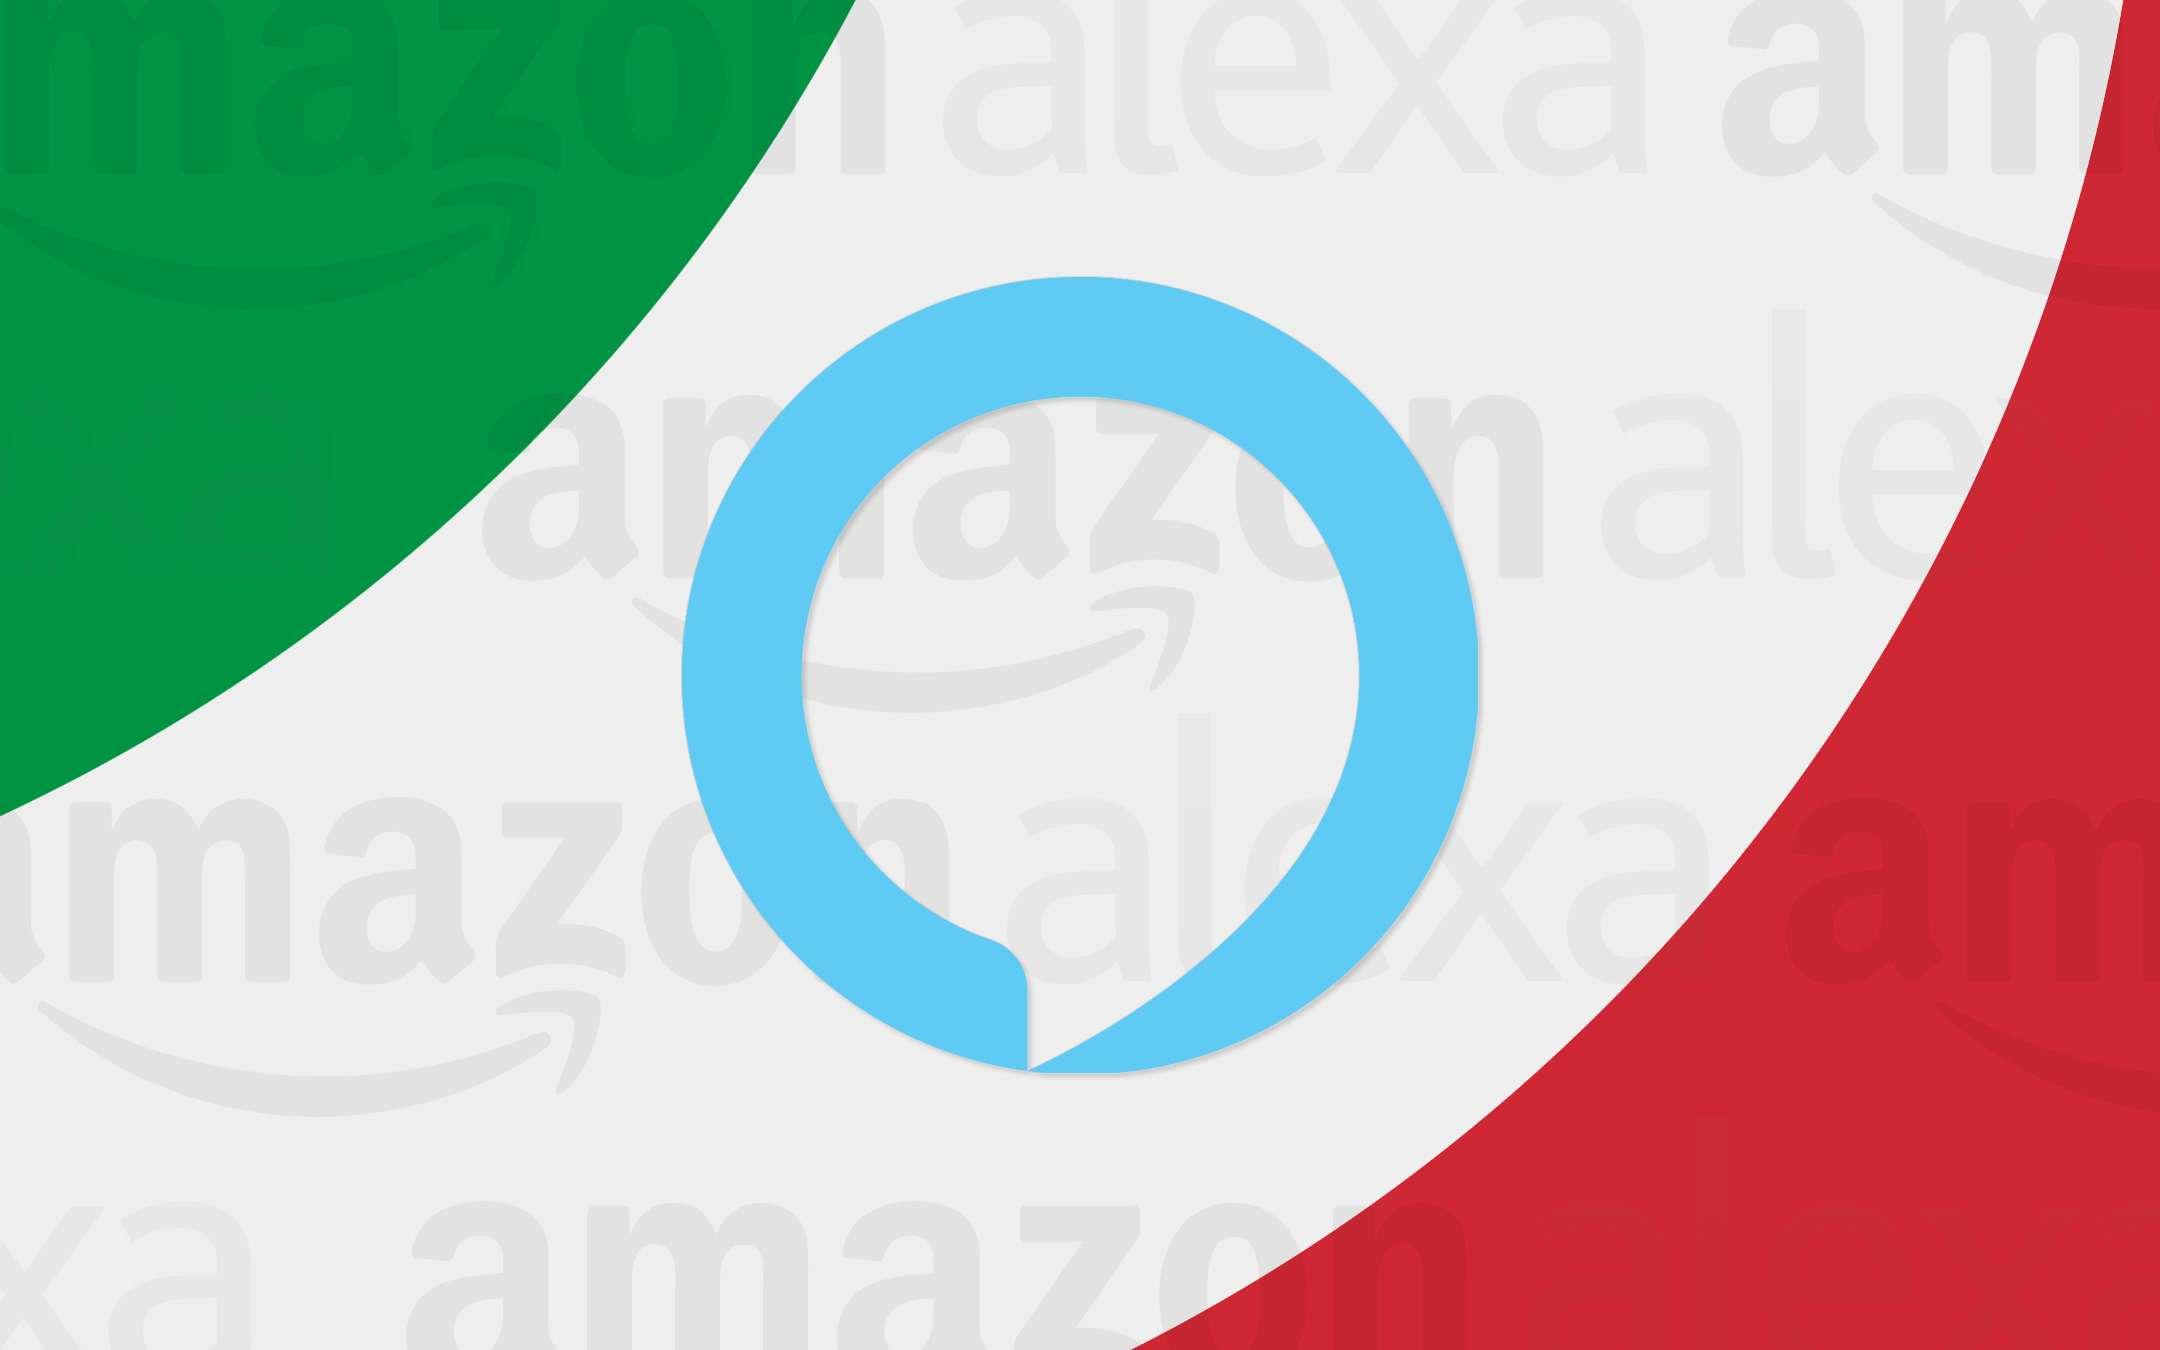 Amazon Alexa cover image